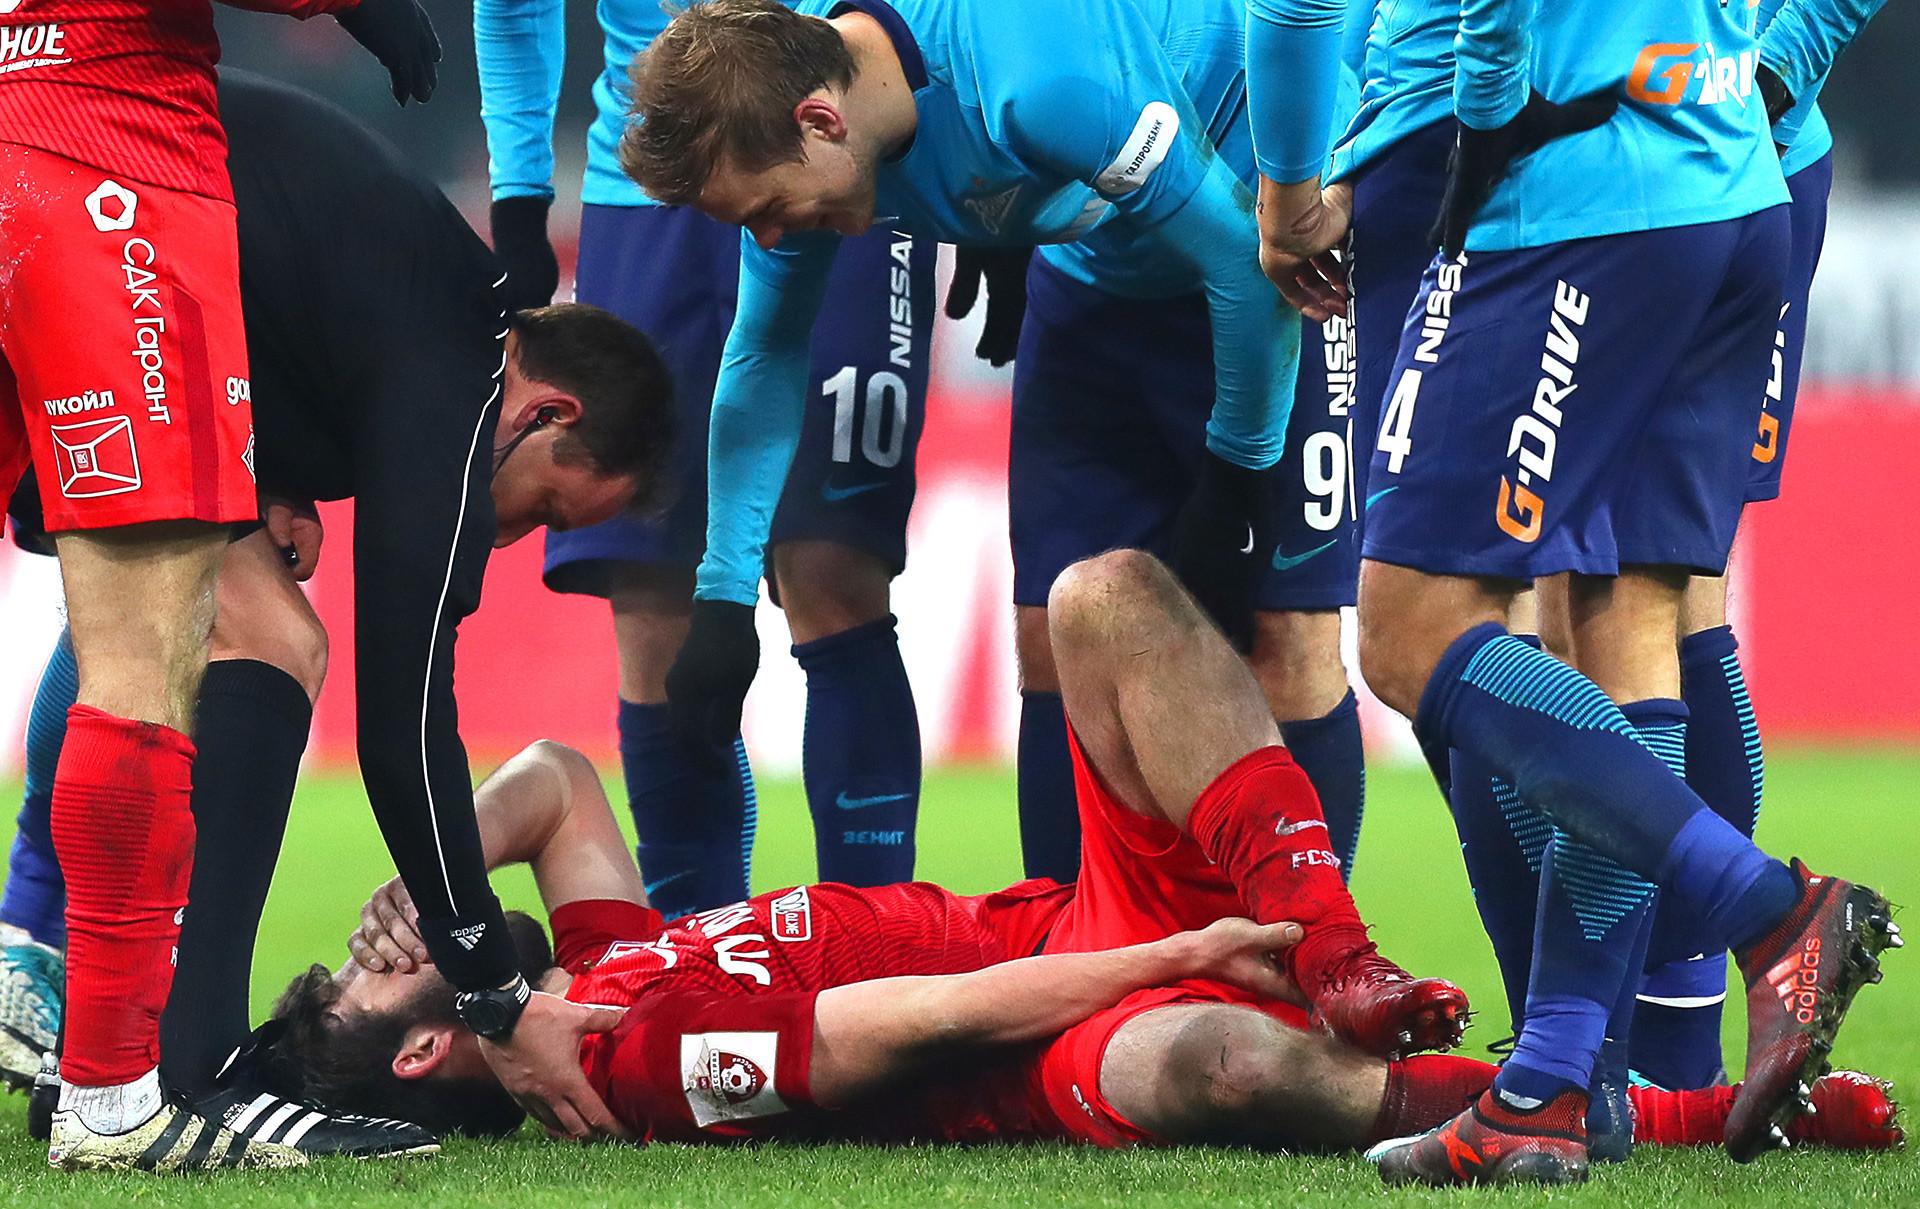 O promissor jogador Gueórgui Djikia não deve jogar na Copa do Mundo após uma lesão no ligamento em janeiro.